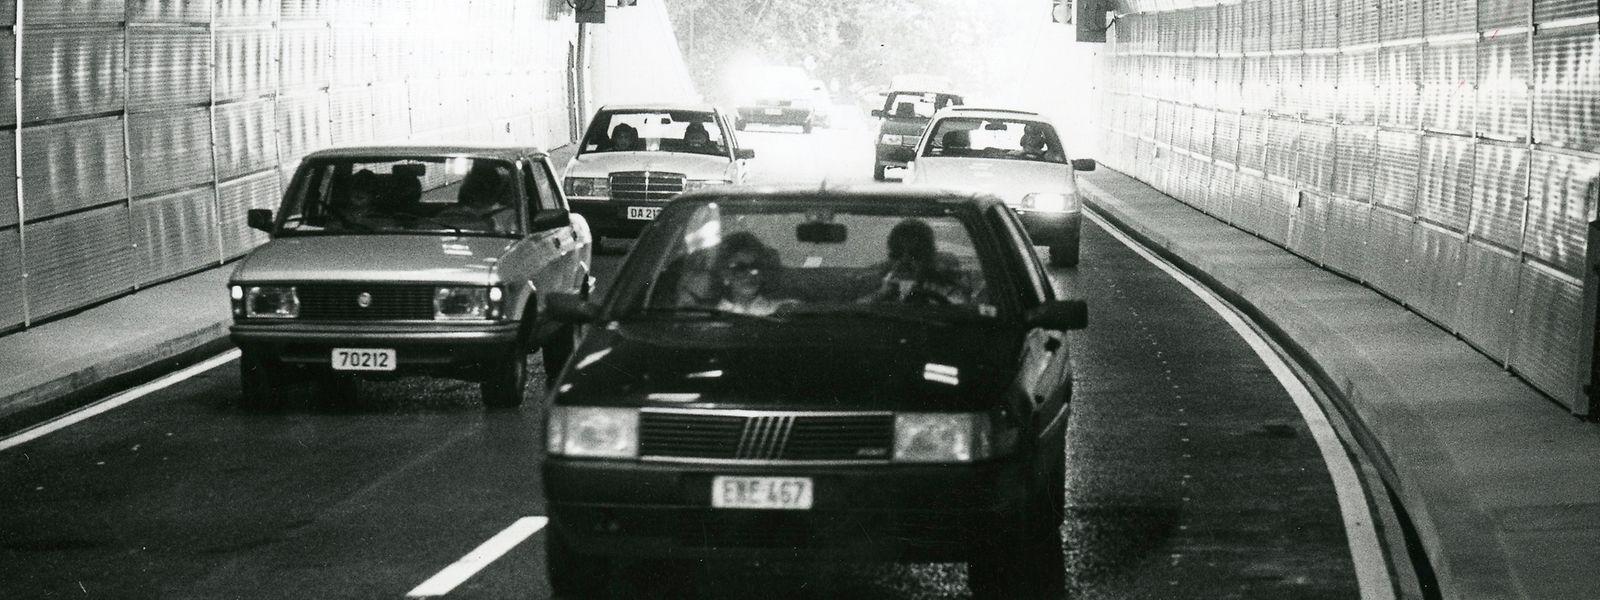 Durch den Bau des Tunnels gelangen die Autofahrer binnen kürzester Zeit vom Viadukt zum Eecherbierg.